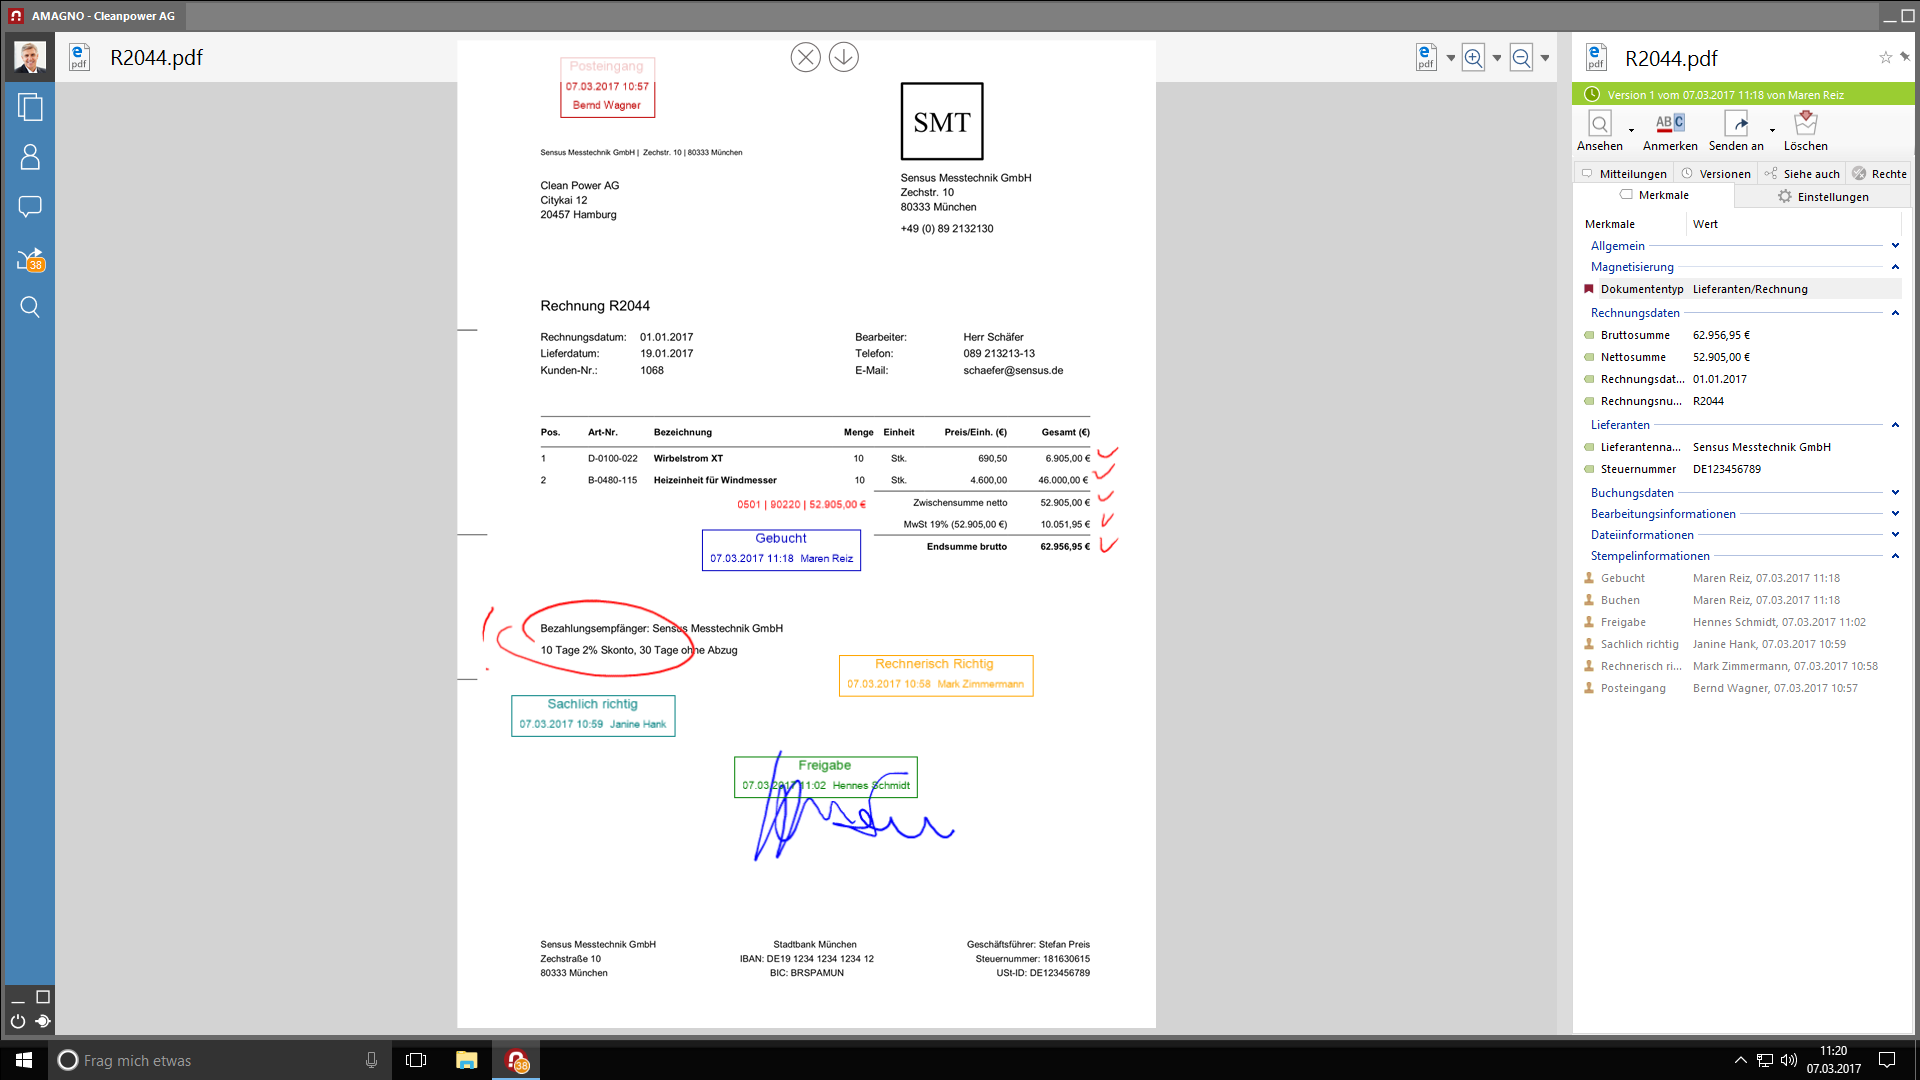 Interaktive Dokumente - Automatisierte Geschäftsprozesse